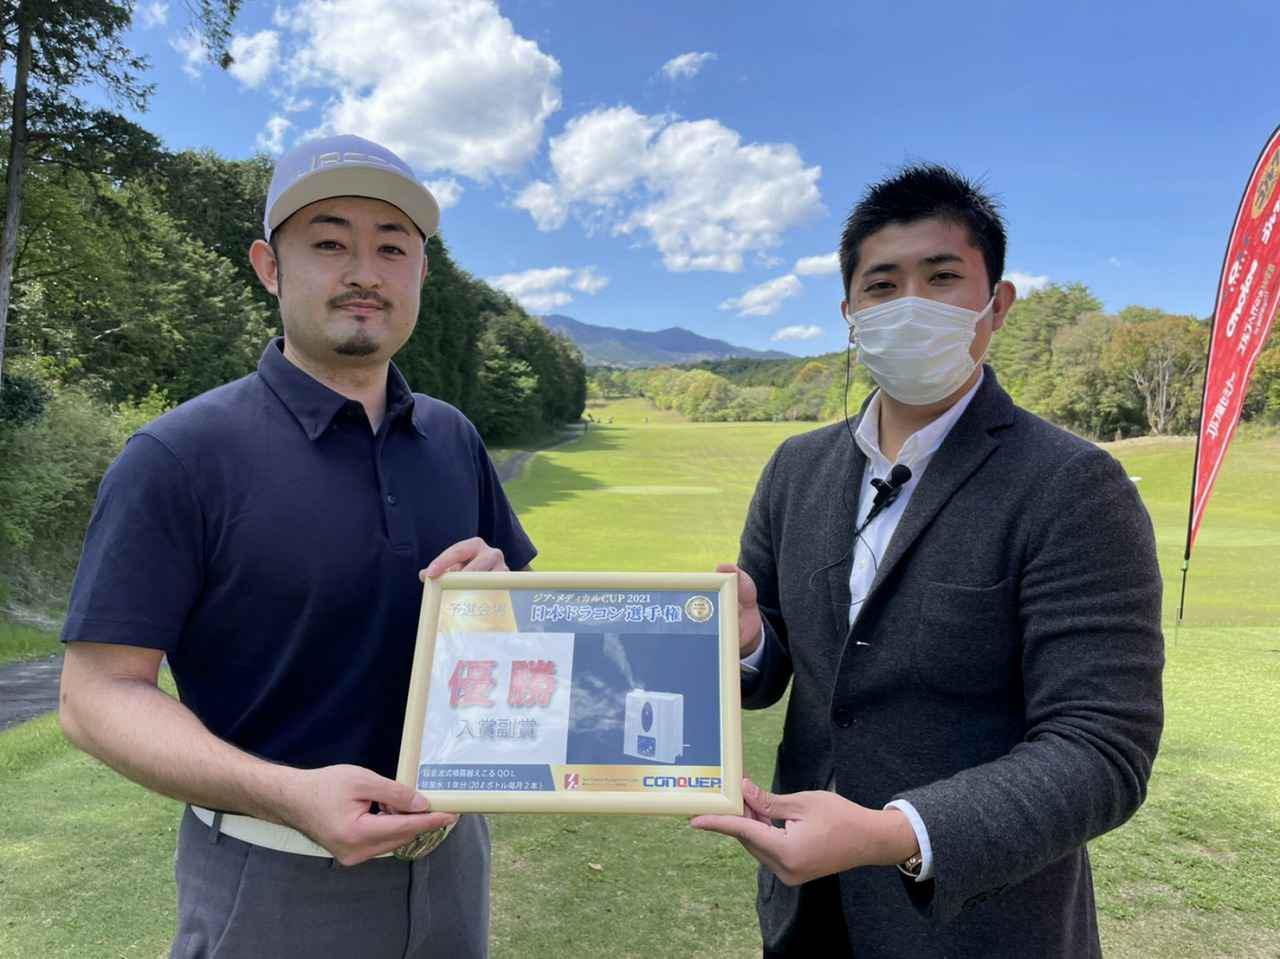 画像: 第7予選 オープンディビジョン優勝 坂田 昌隆 選手